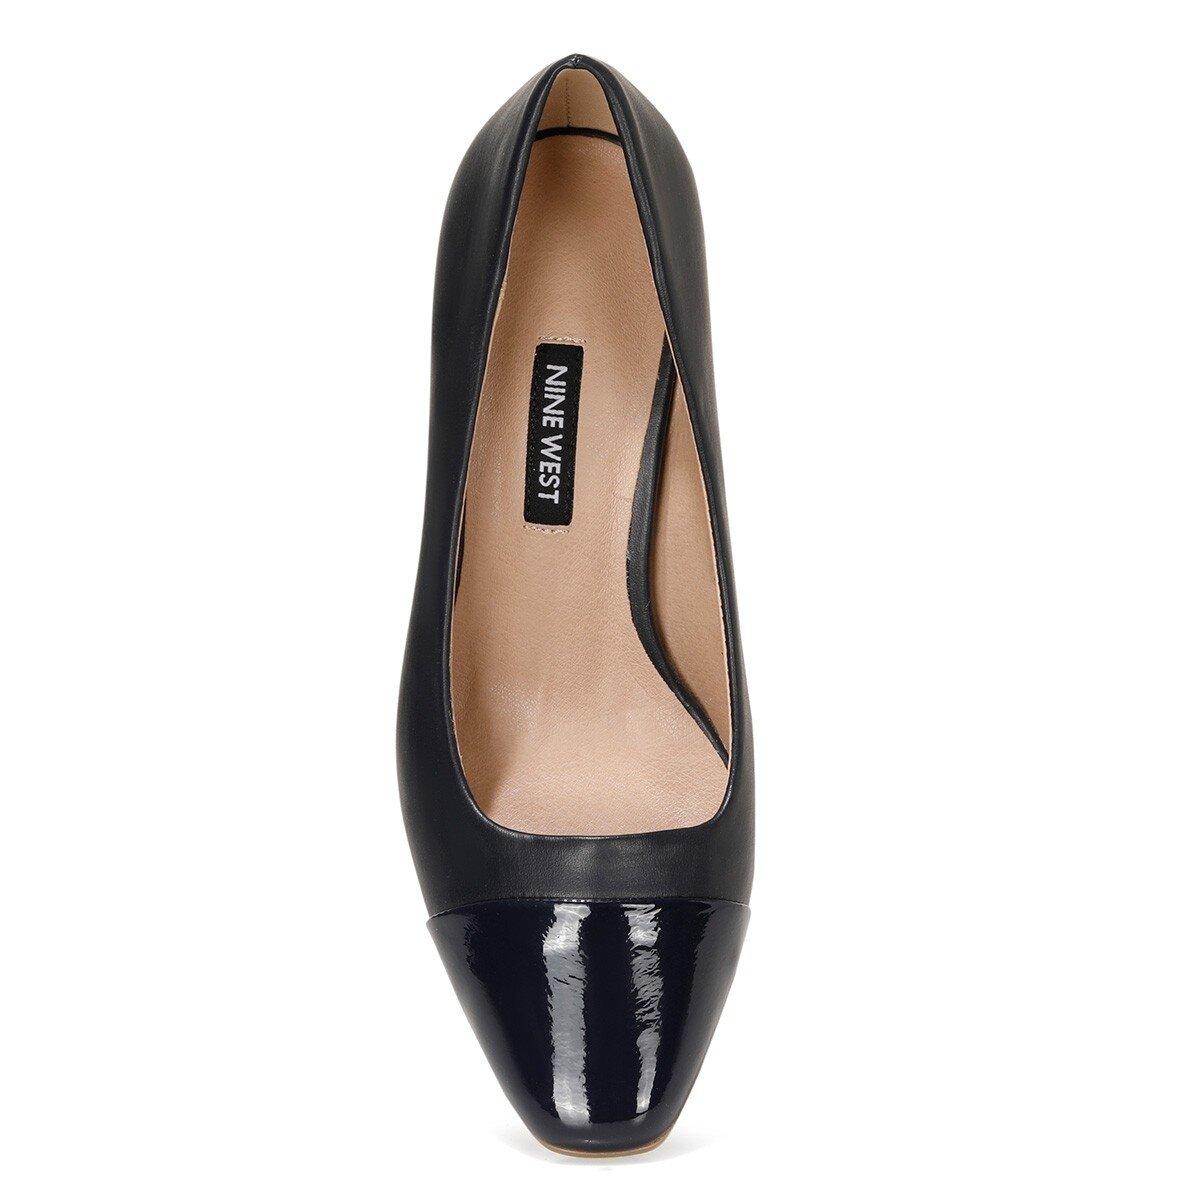 JOLLYRA 1FX Lacivert Kadın Topuklu Ayakkabı